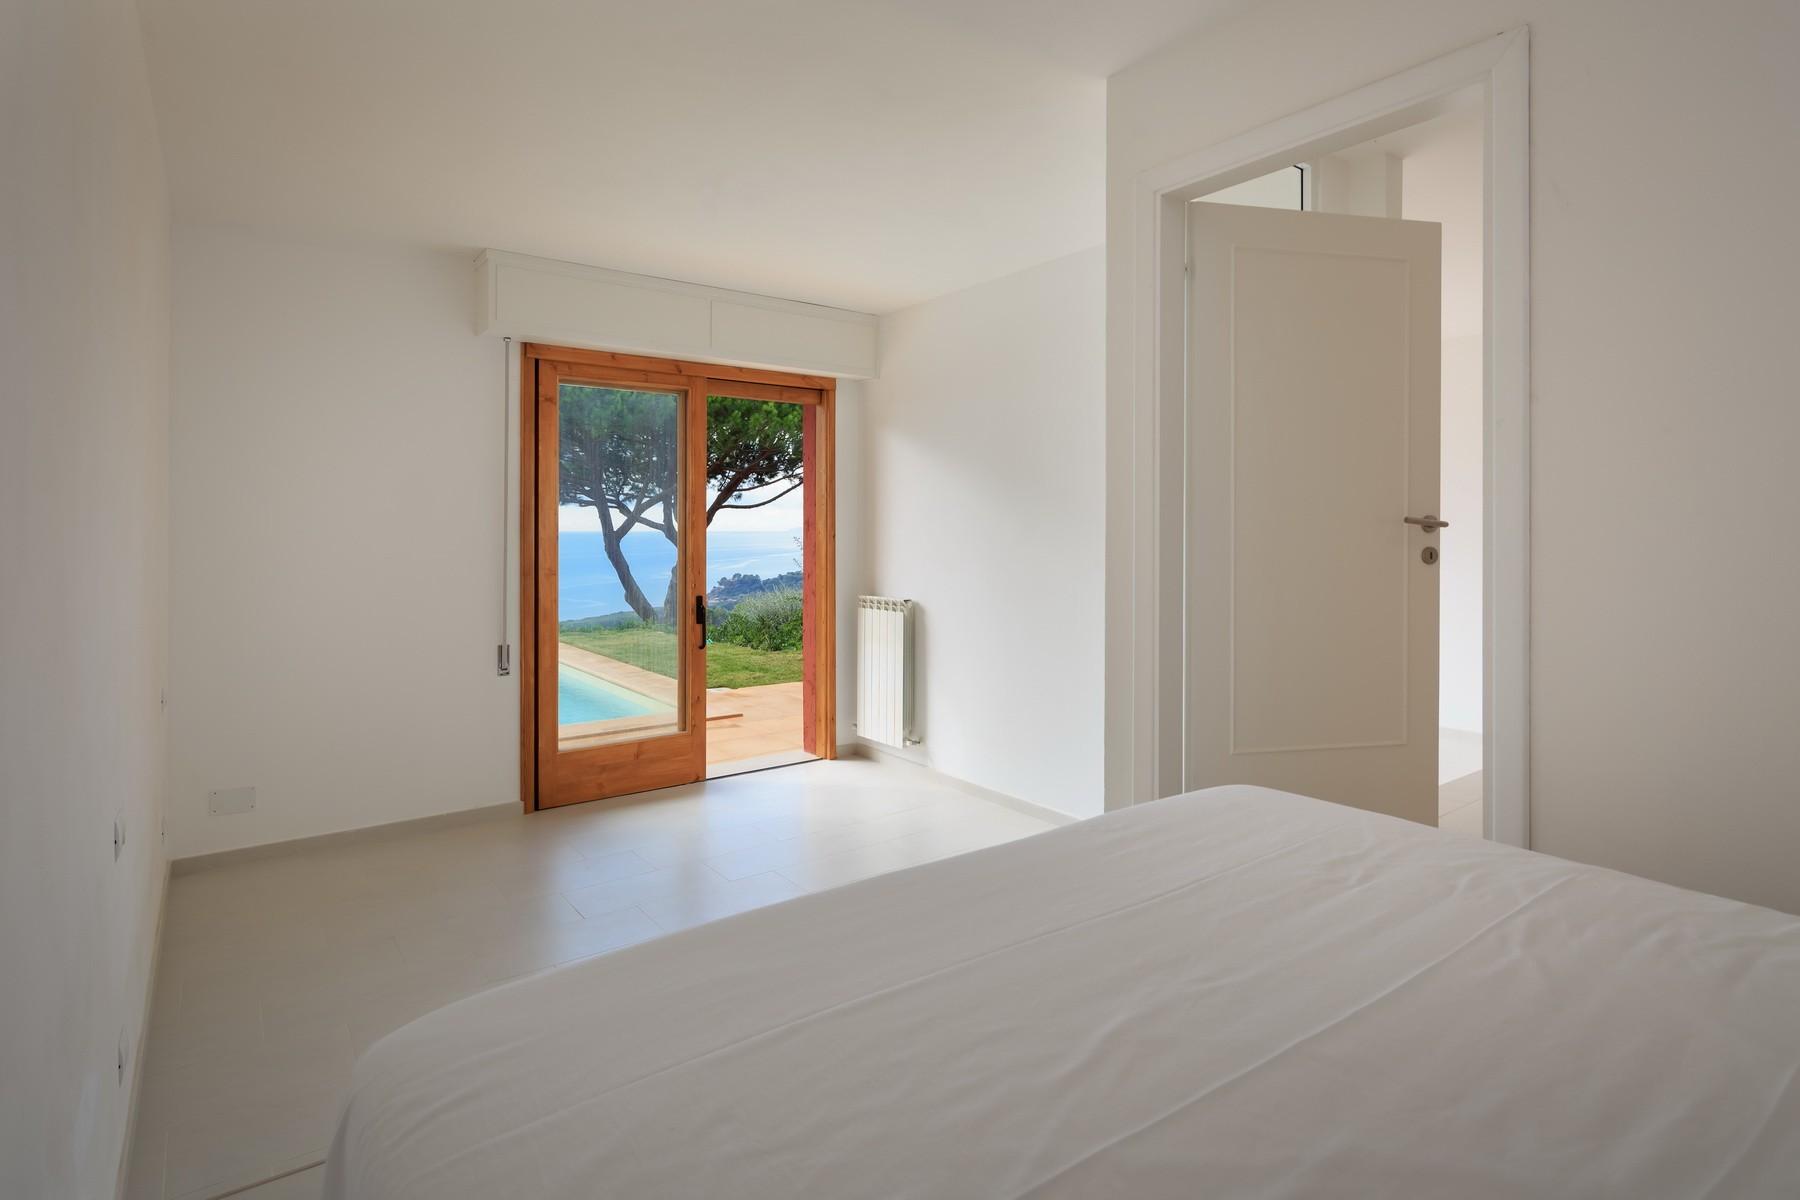 Casa indipendente in Vendita a Castiglione Della Pescaia: 4 locali, 80 mq - Foto 8